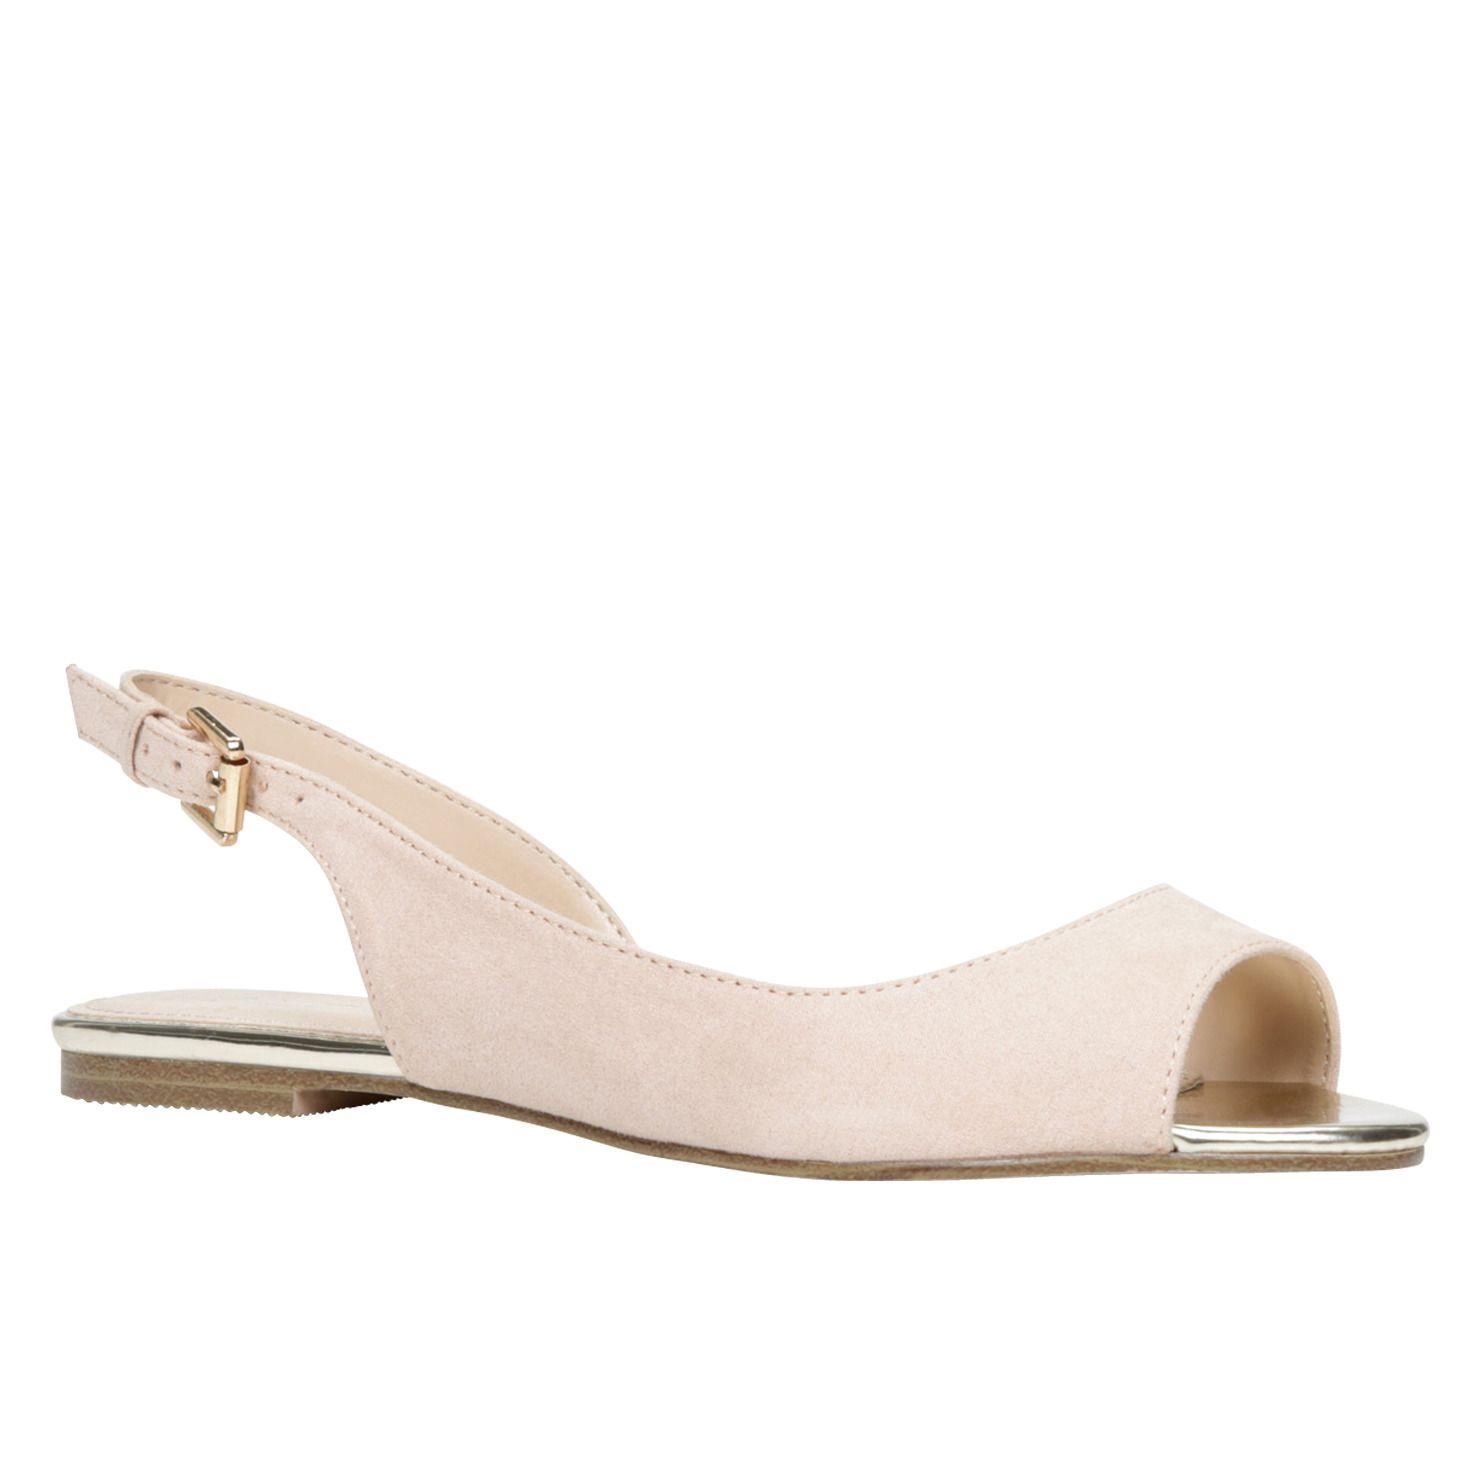 1bd8d372a58030 FOURCHU - sale s sale sandals women for sale at ALDO Shoes.